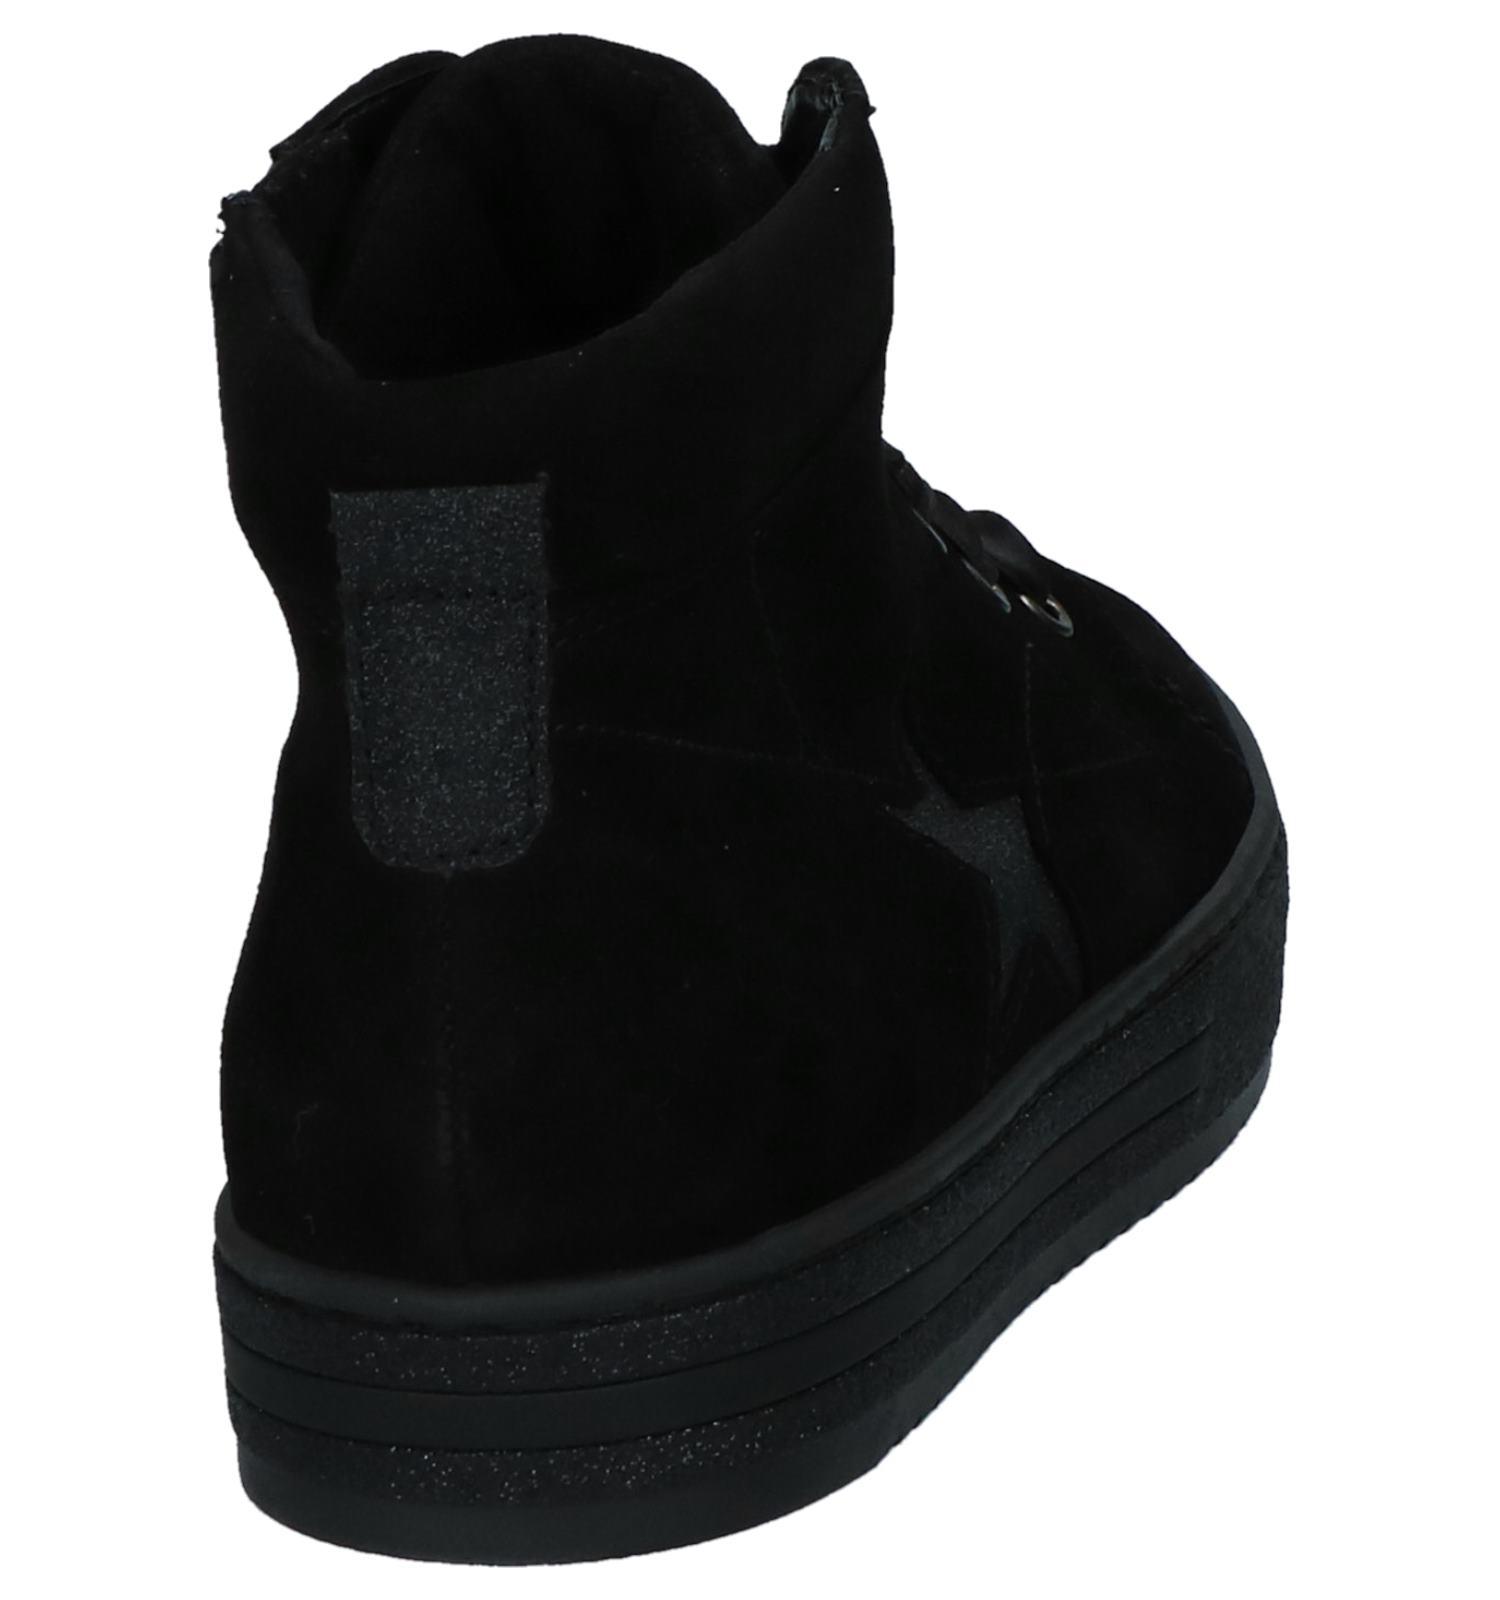 a2272e8c205 Zwarte Gabor Comfort Hoge Sneakers met Rits/Veter | TORFS.BE | Gratis  verzend en retour